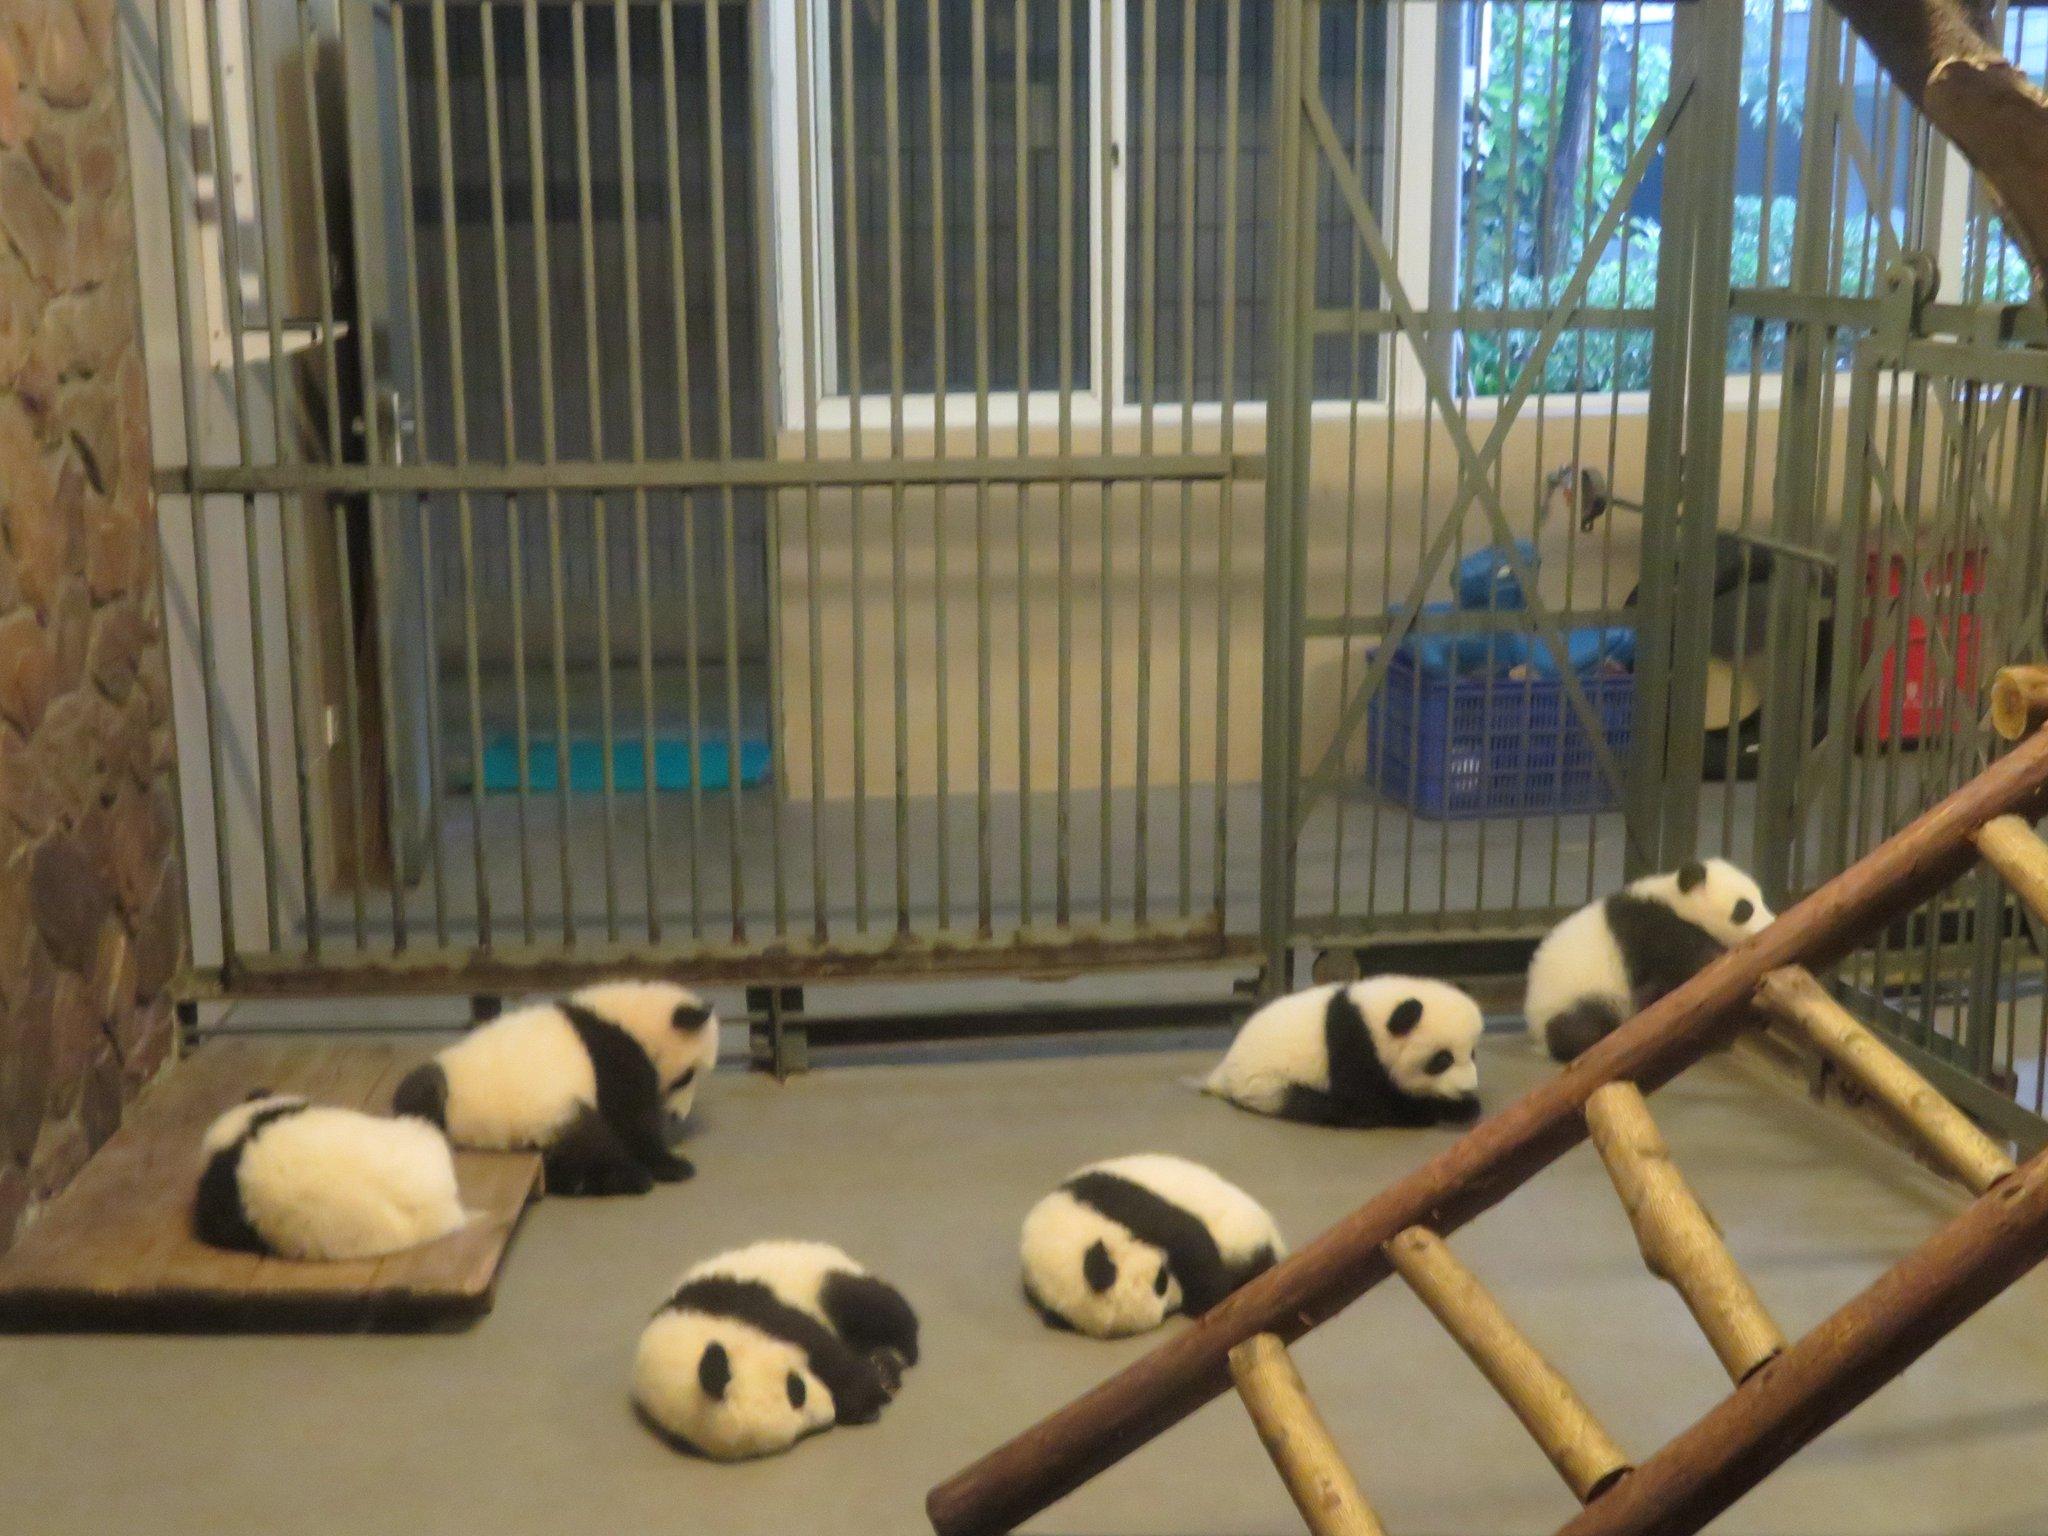 今朝の赤ちゃんパンダたち。 成都パンダ基地2日目にして疲れ切り、雨を理由に休憩中です…